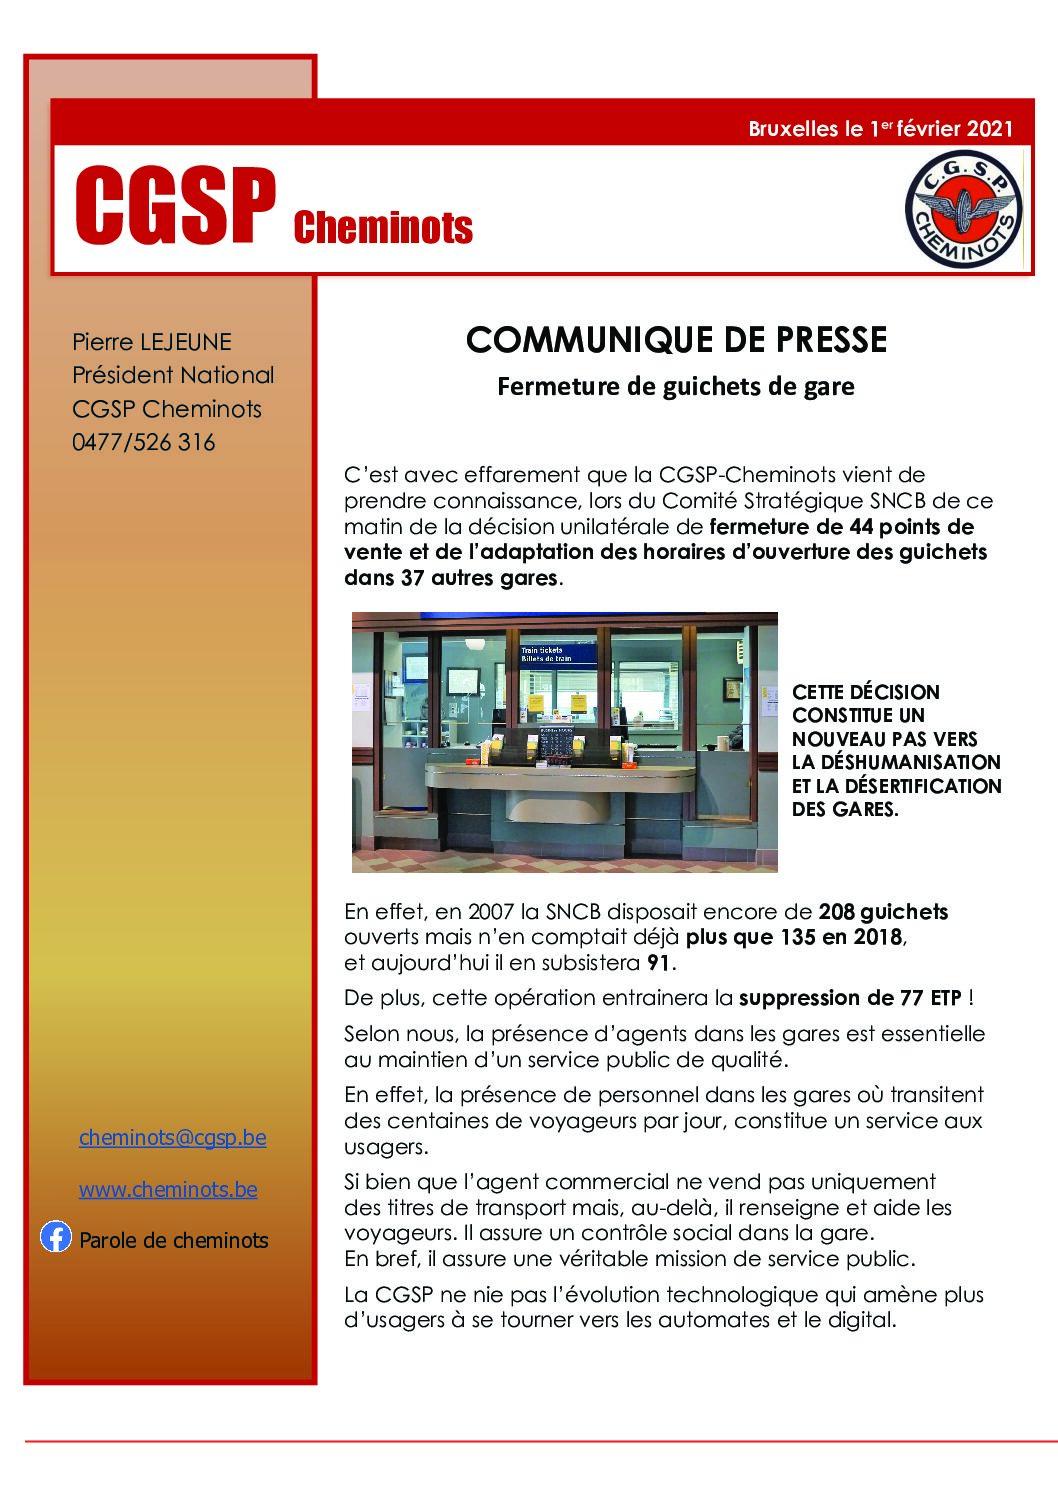 COMMUNIQUE DE PRESSE – Fermeture de guichets de gare